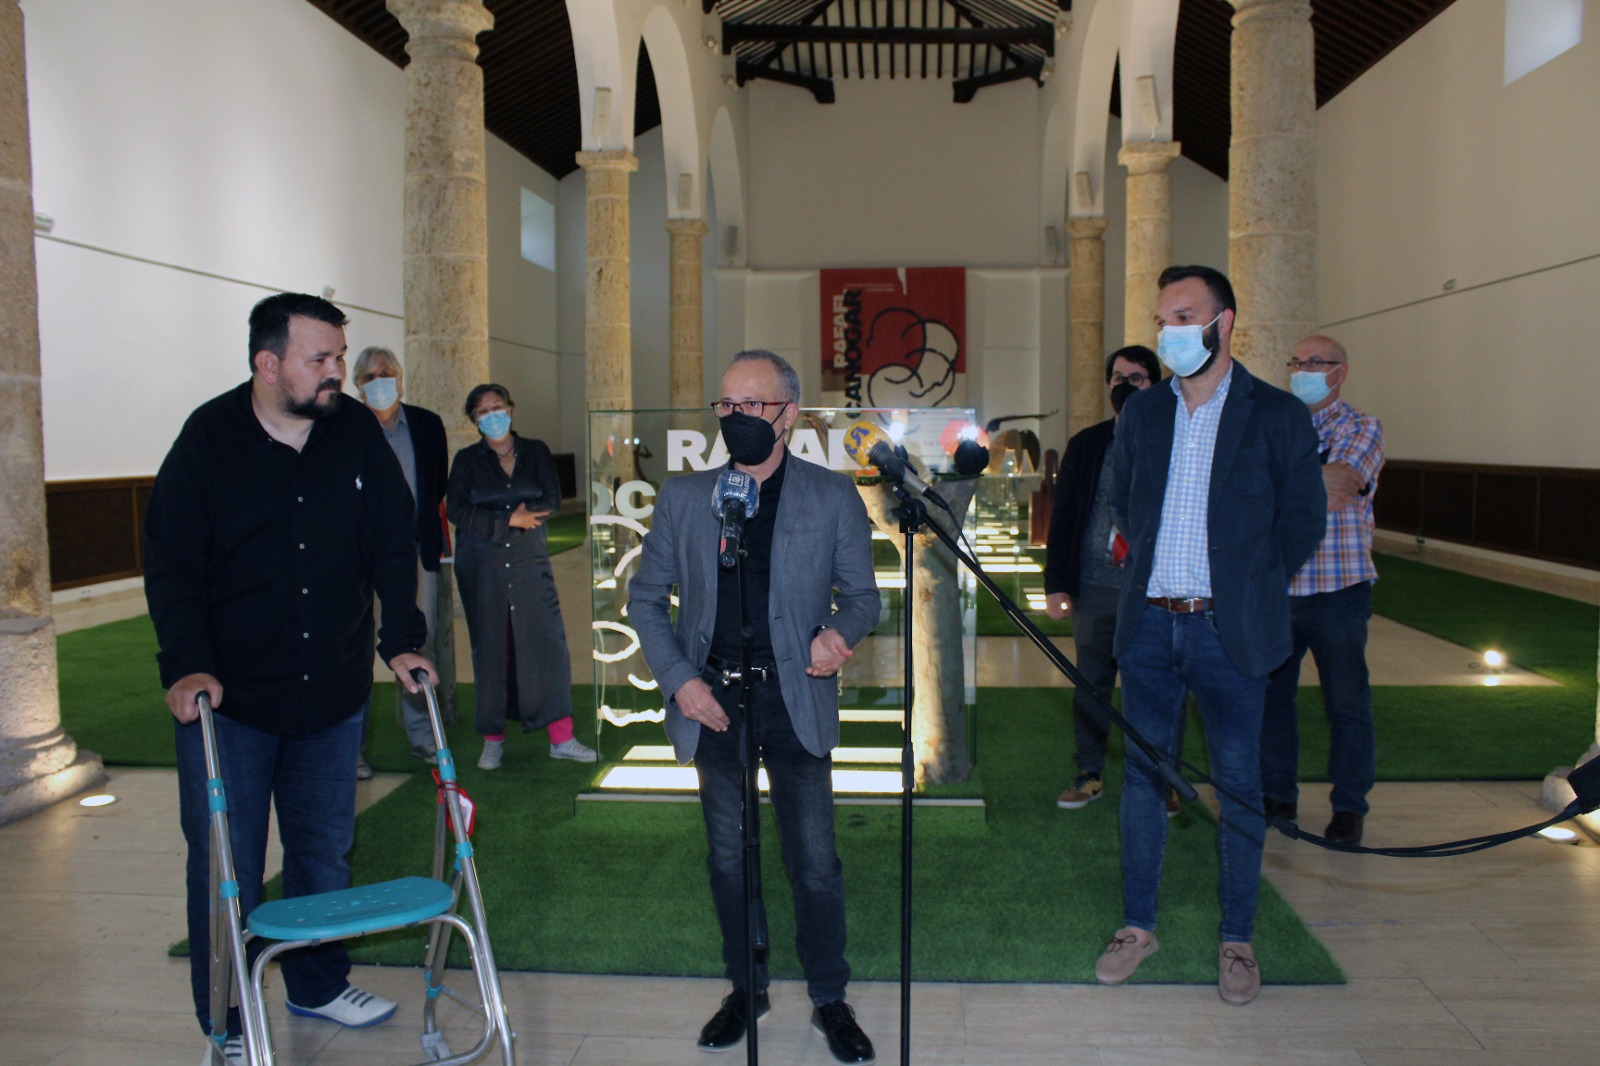 Cerca De 1.000 Personas Visitan La Exposición Del Certamen De Escultura 'Rafael Canogar'